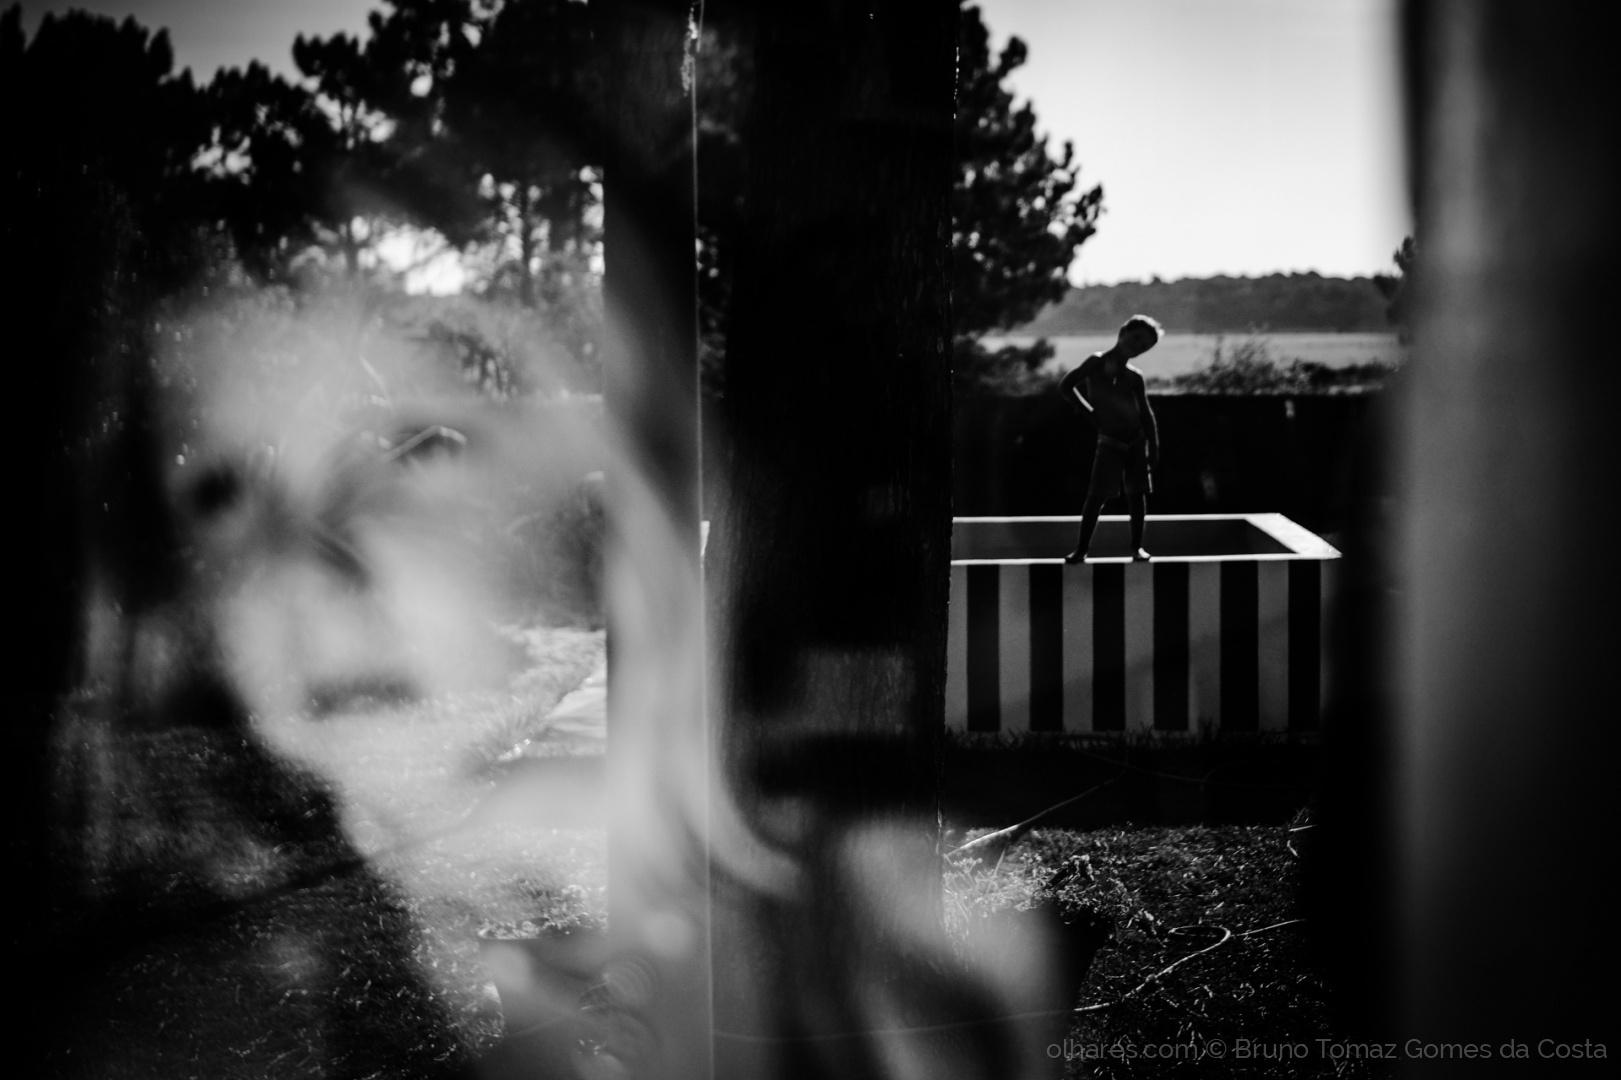 © Bruno Tomaz Gomes da Costa - Brothers